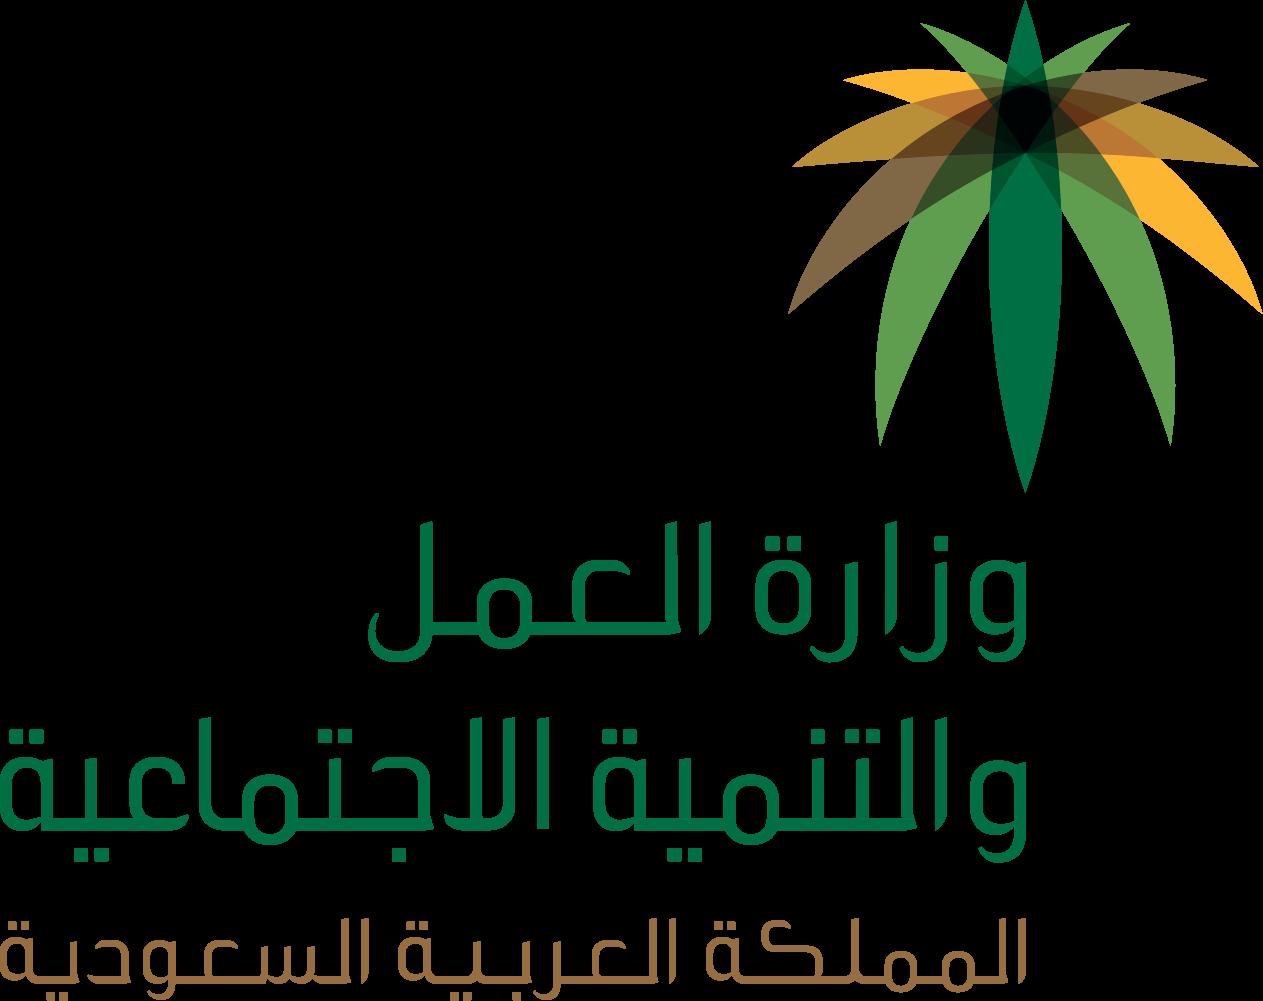 صورة وزارة العمل والتنمية الاجتماعية تطبيق قرار قصر العمل في منافذ تأجير السيارات على السعوديين